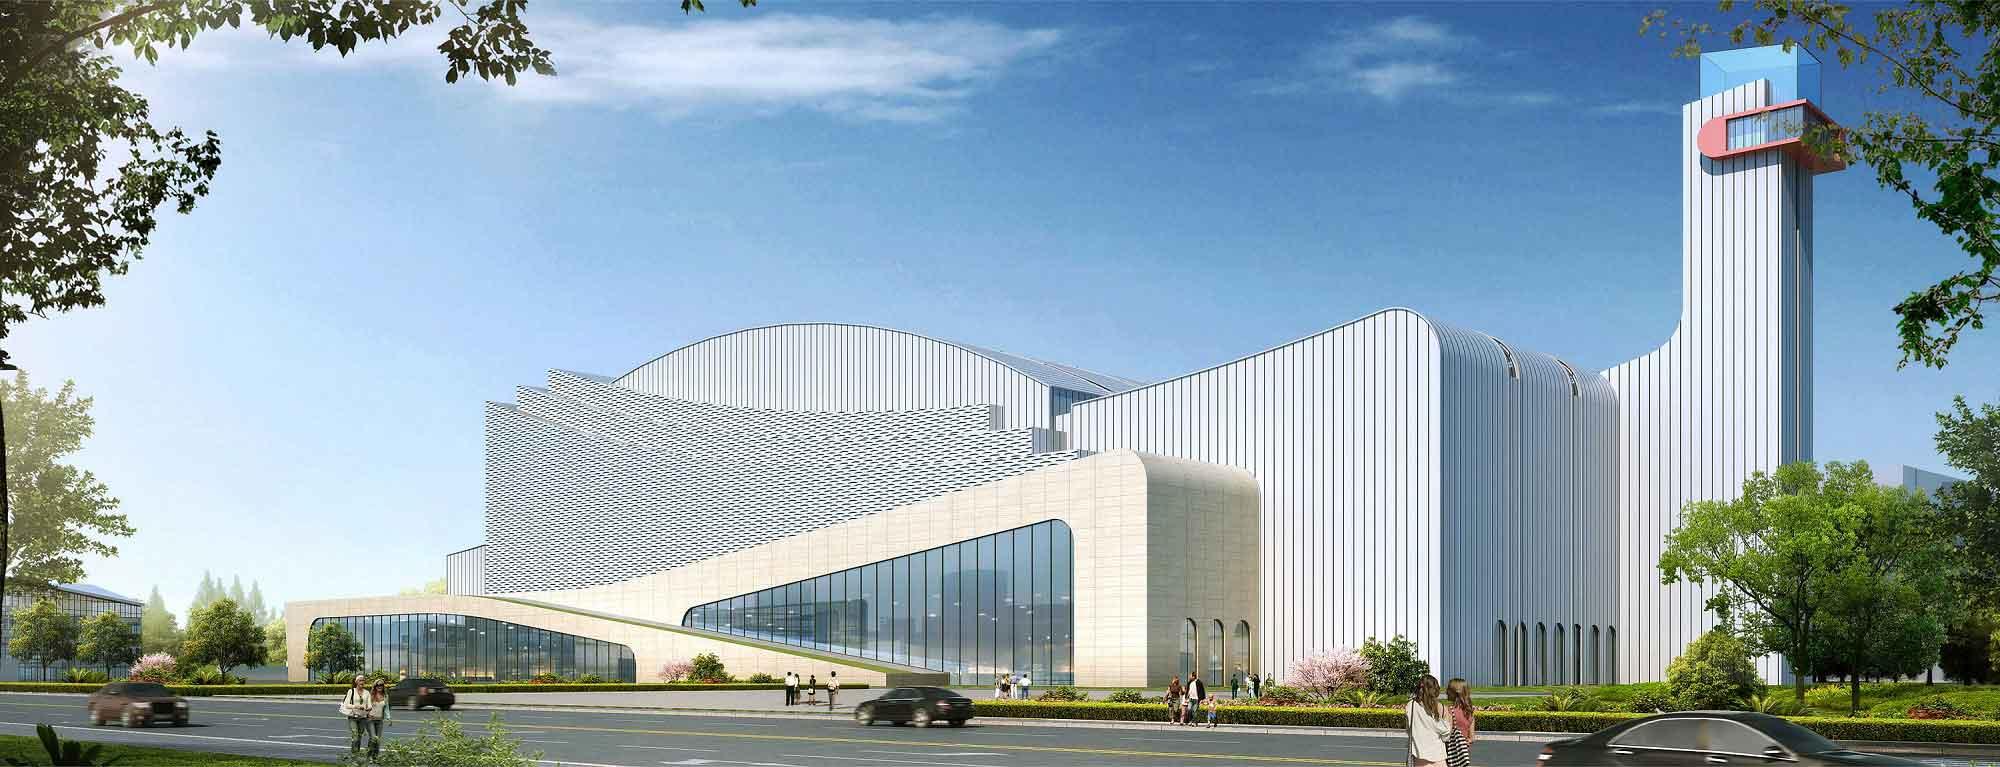 绍兴市循环生态产业园(二期)工程焚烧厂项目EPC总承包项目